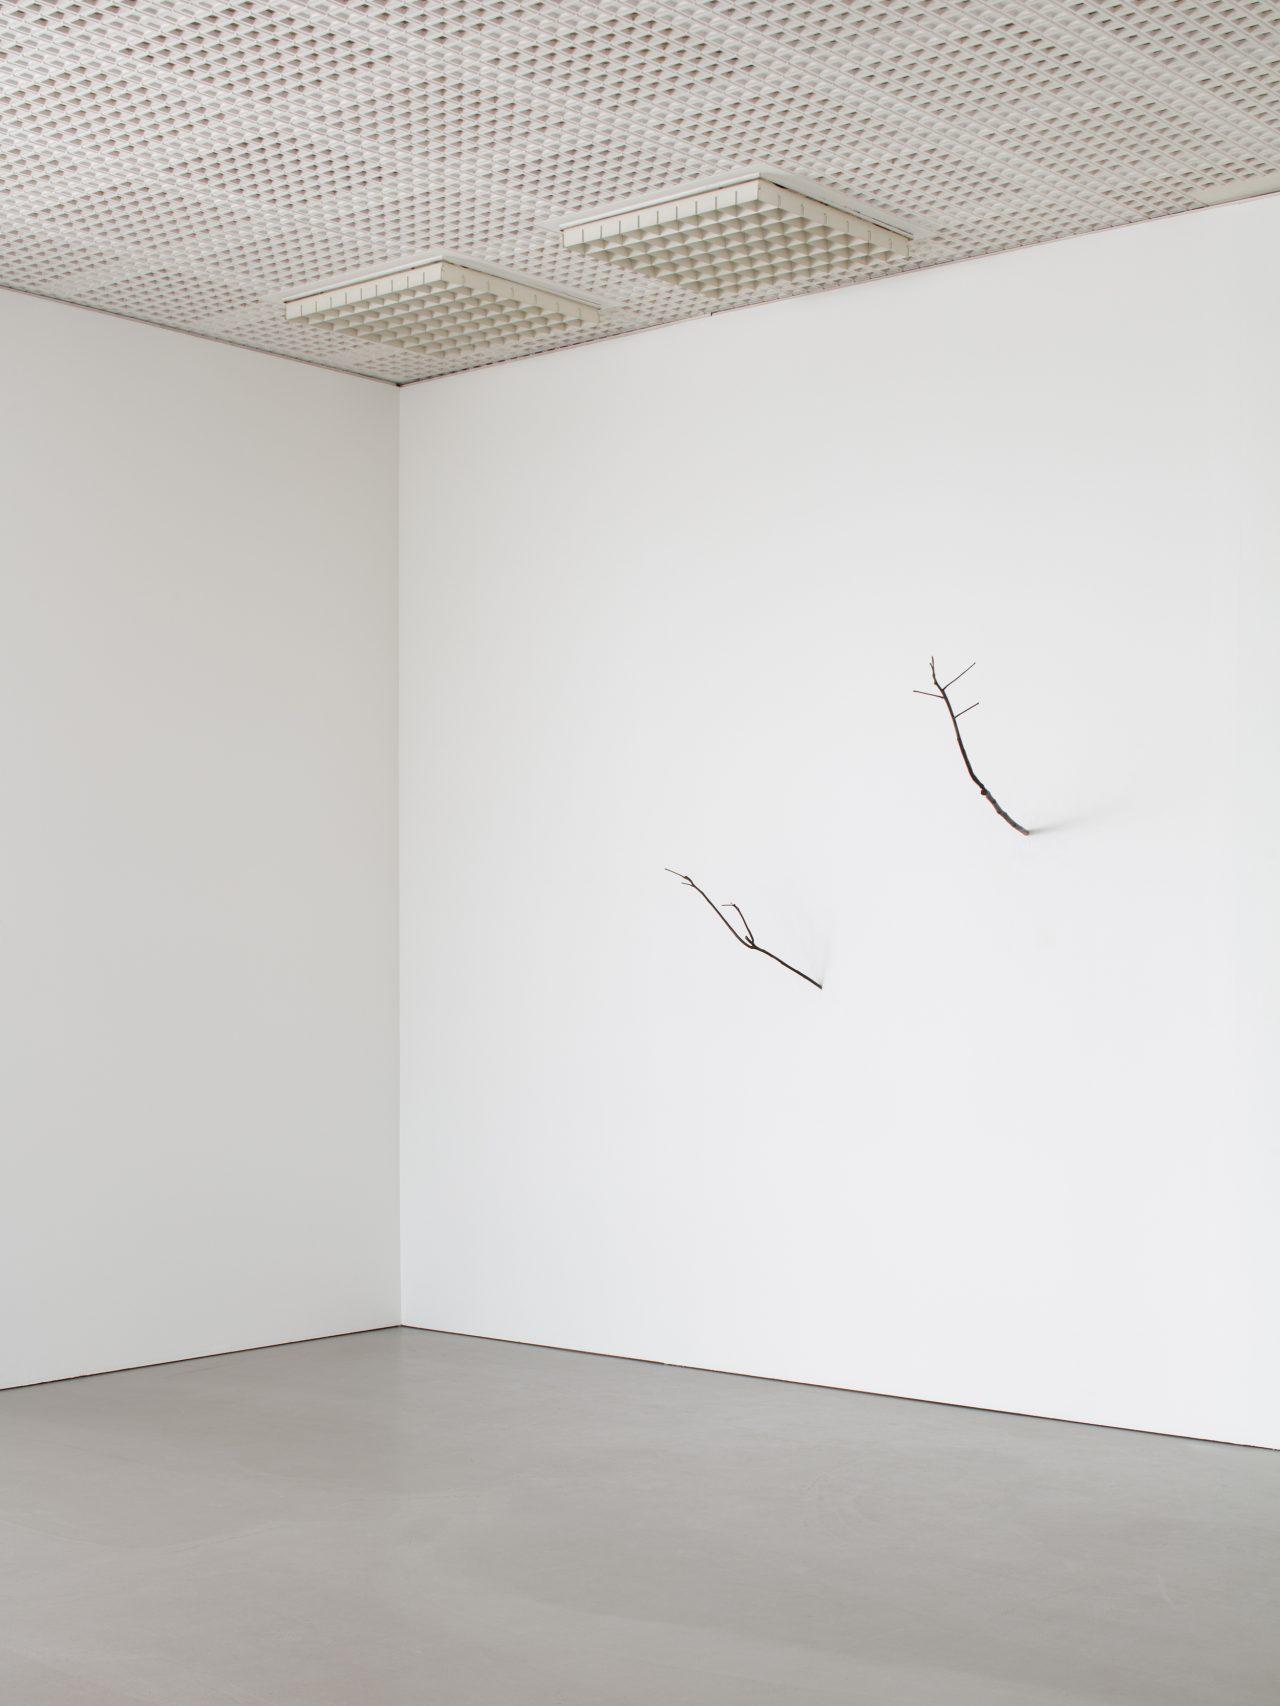 Judith Hopf, Dem Kirschbaum ähnelnde Essigbaumäste (2021)